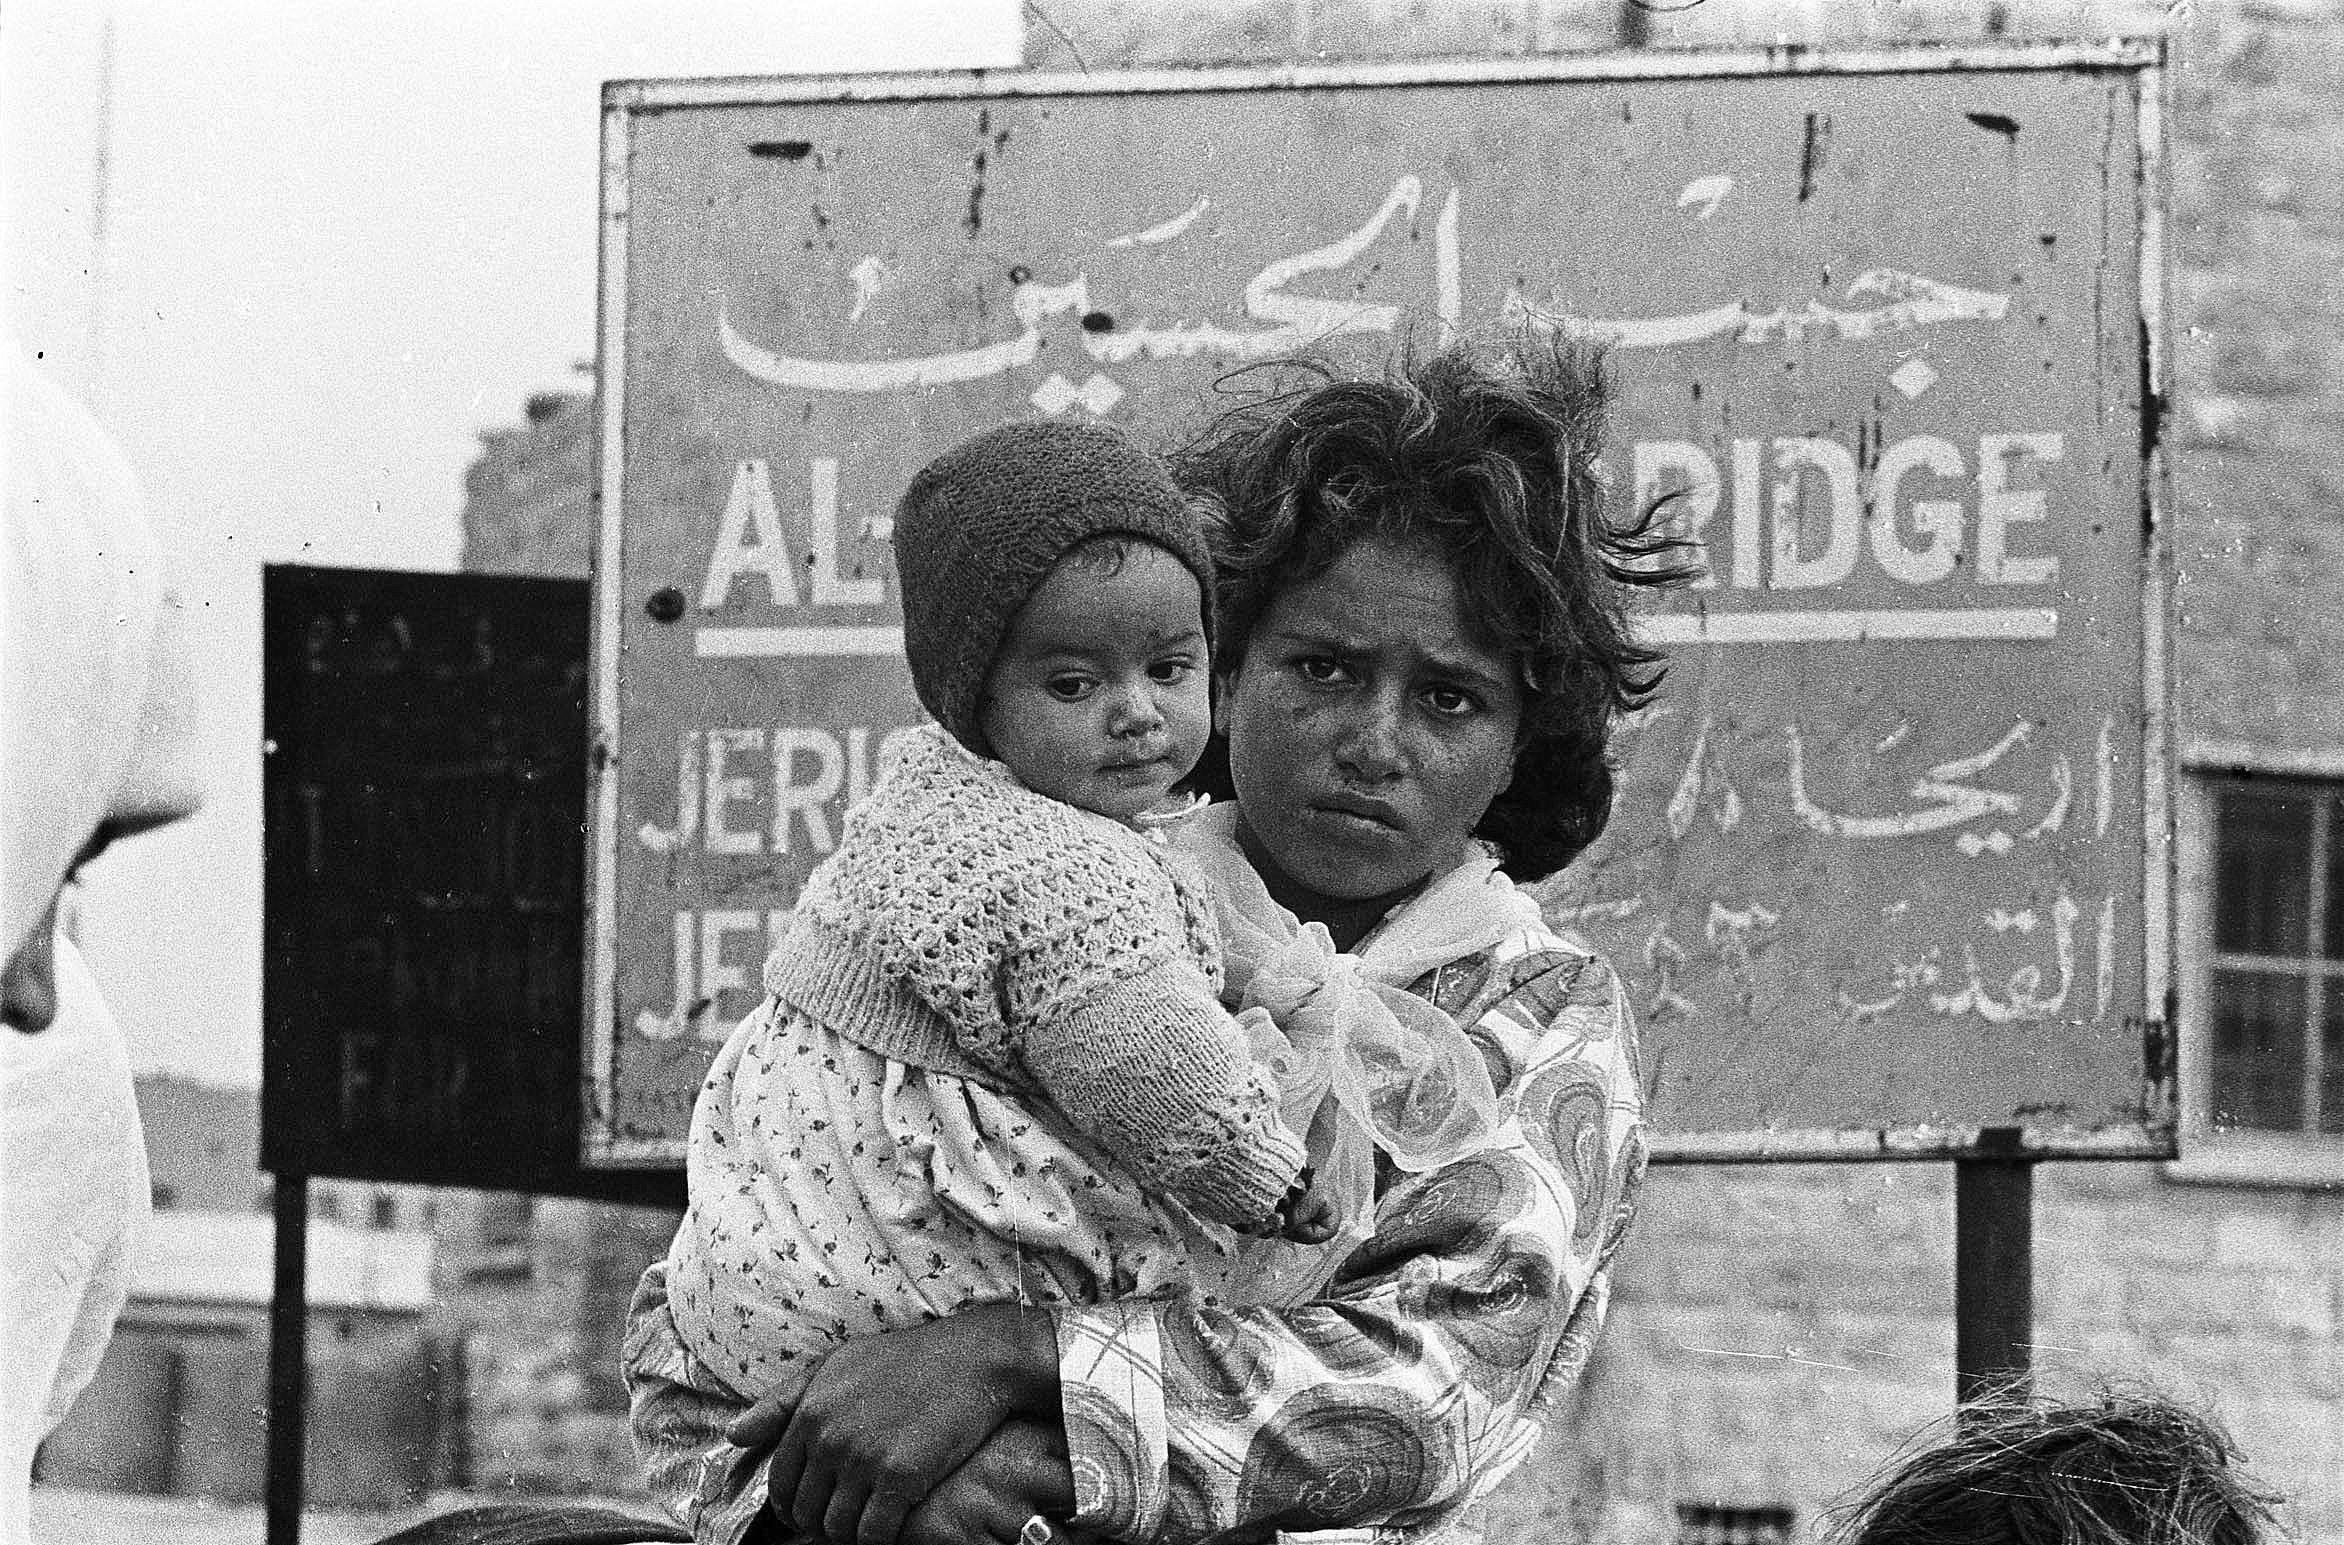 لاجئون فلسطينيون على جسر أللنبي (أرشيف وكالة الأمم المتحدة لغوث وتشغيل اللاجئين الفلسطينيين 1967)